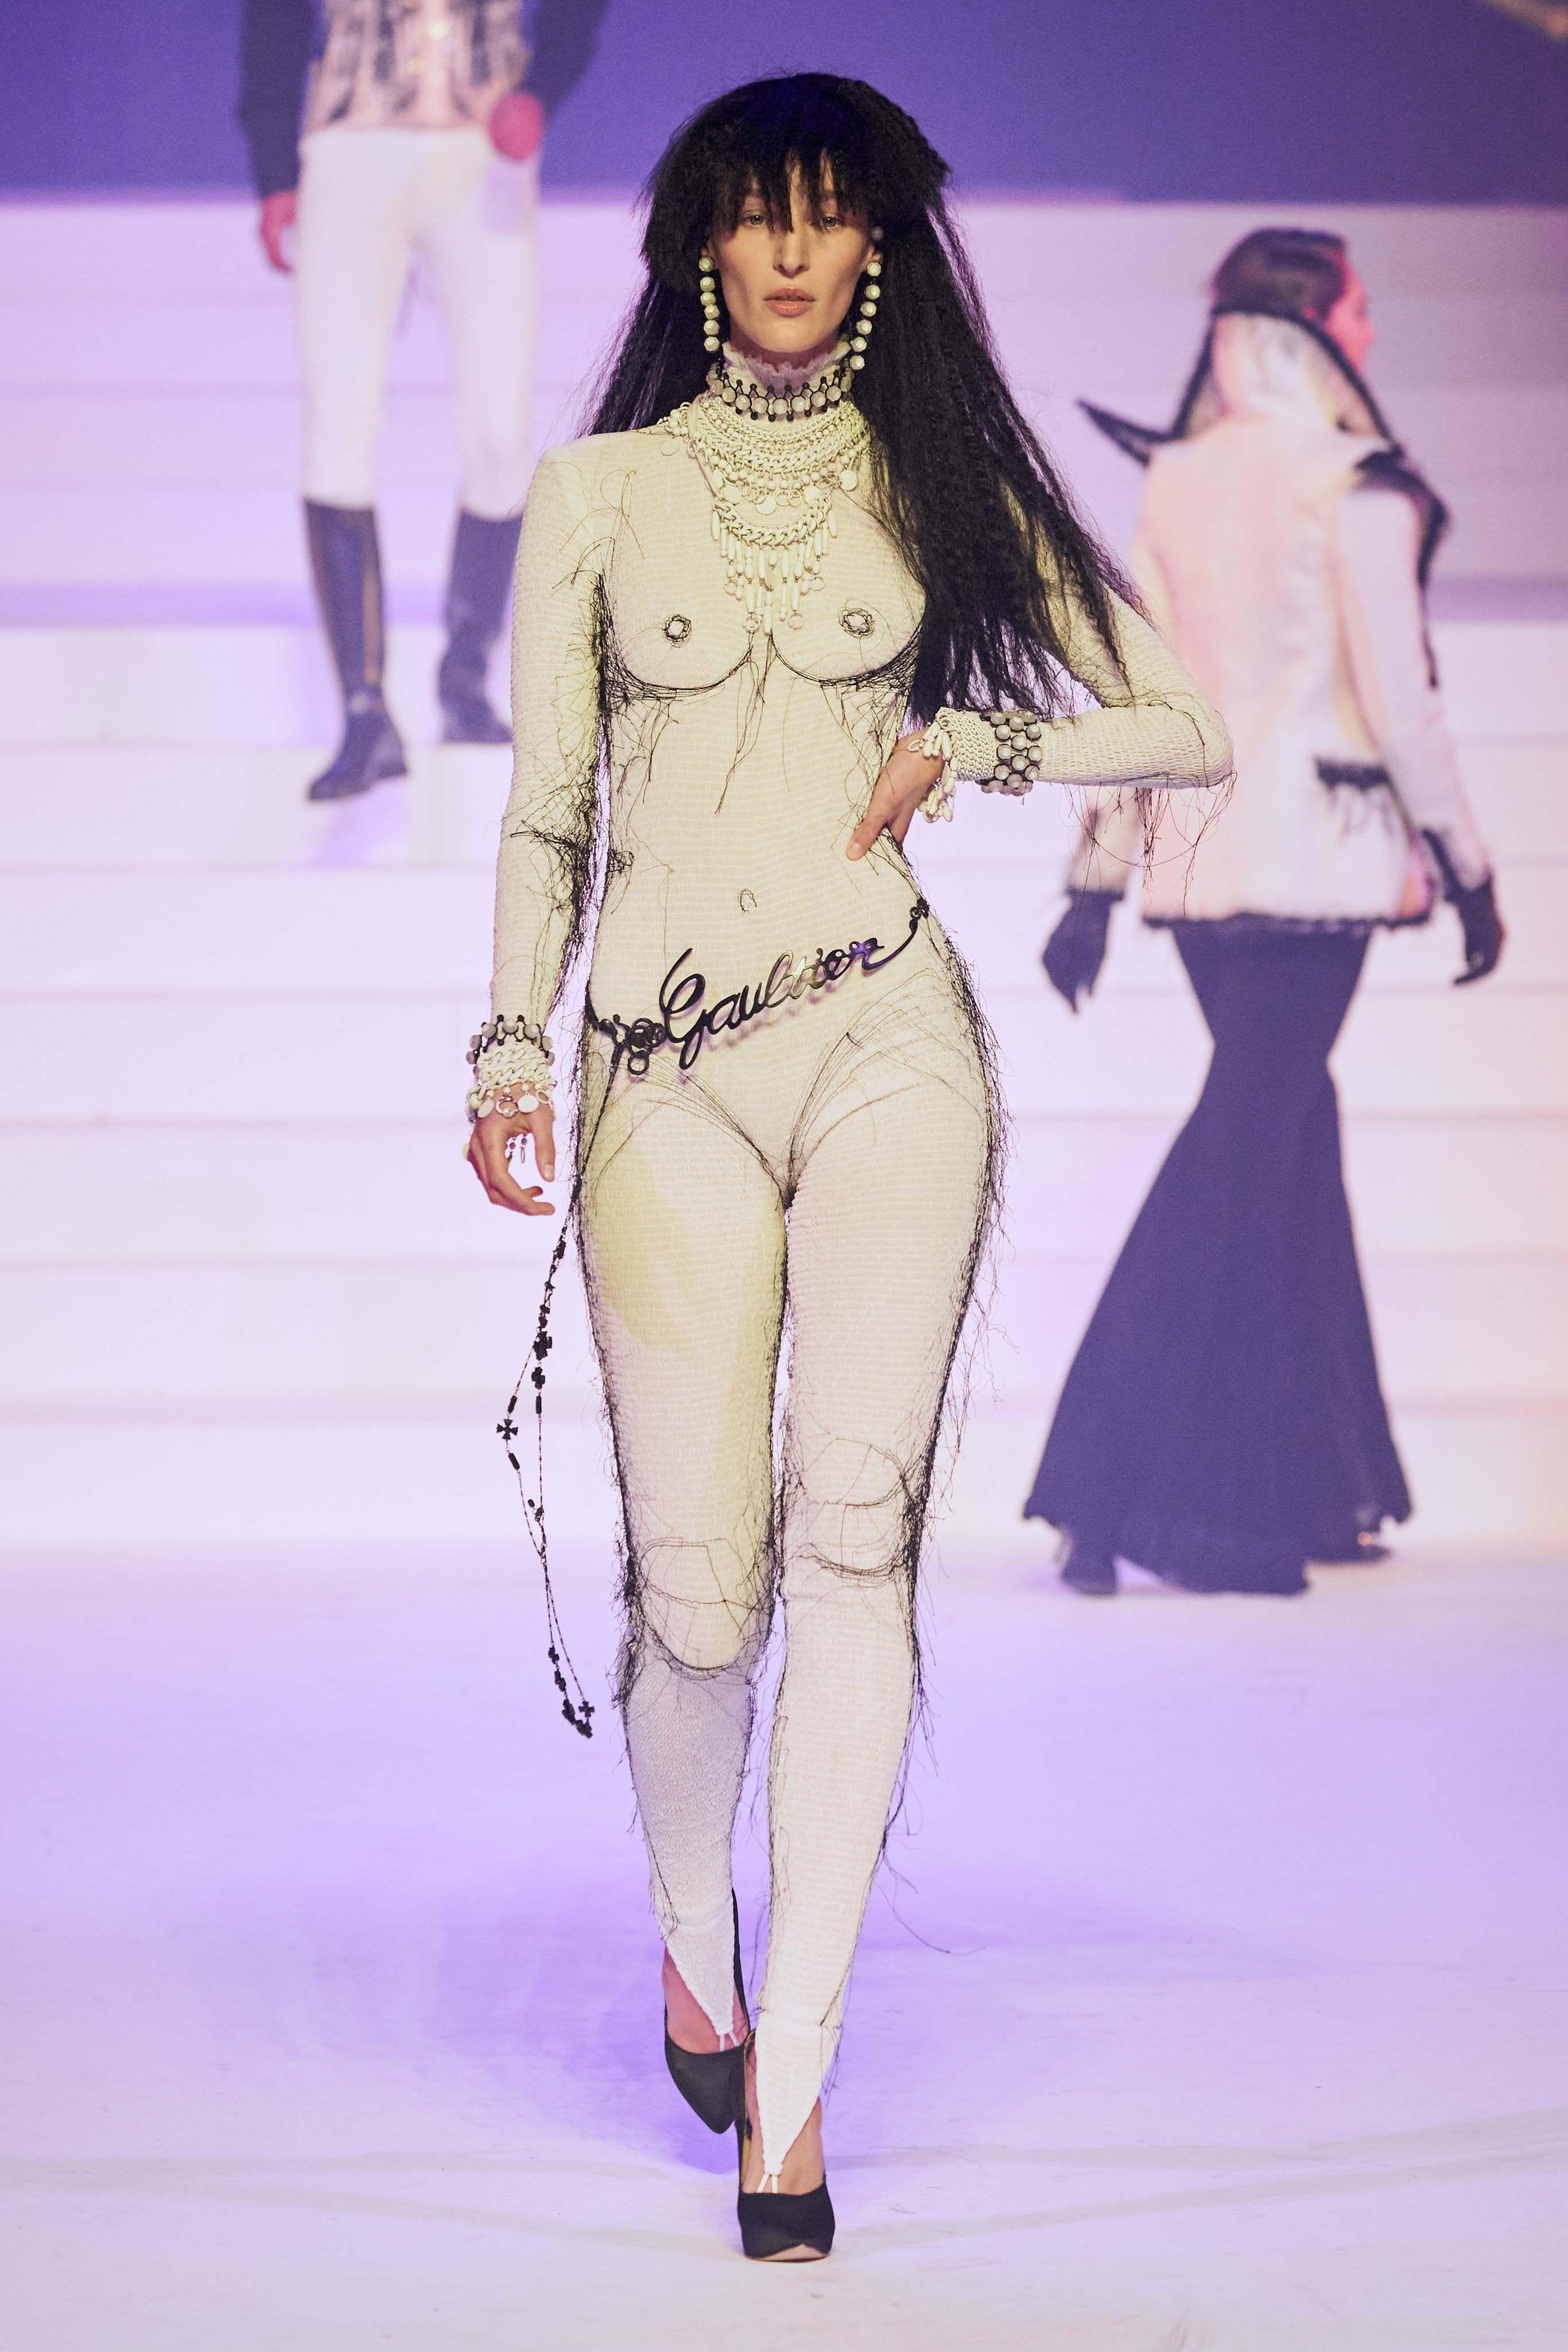 Deretan Baju Desainer yang Artsy Tapi Mengandung 'Porno Aksi'